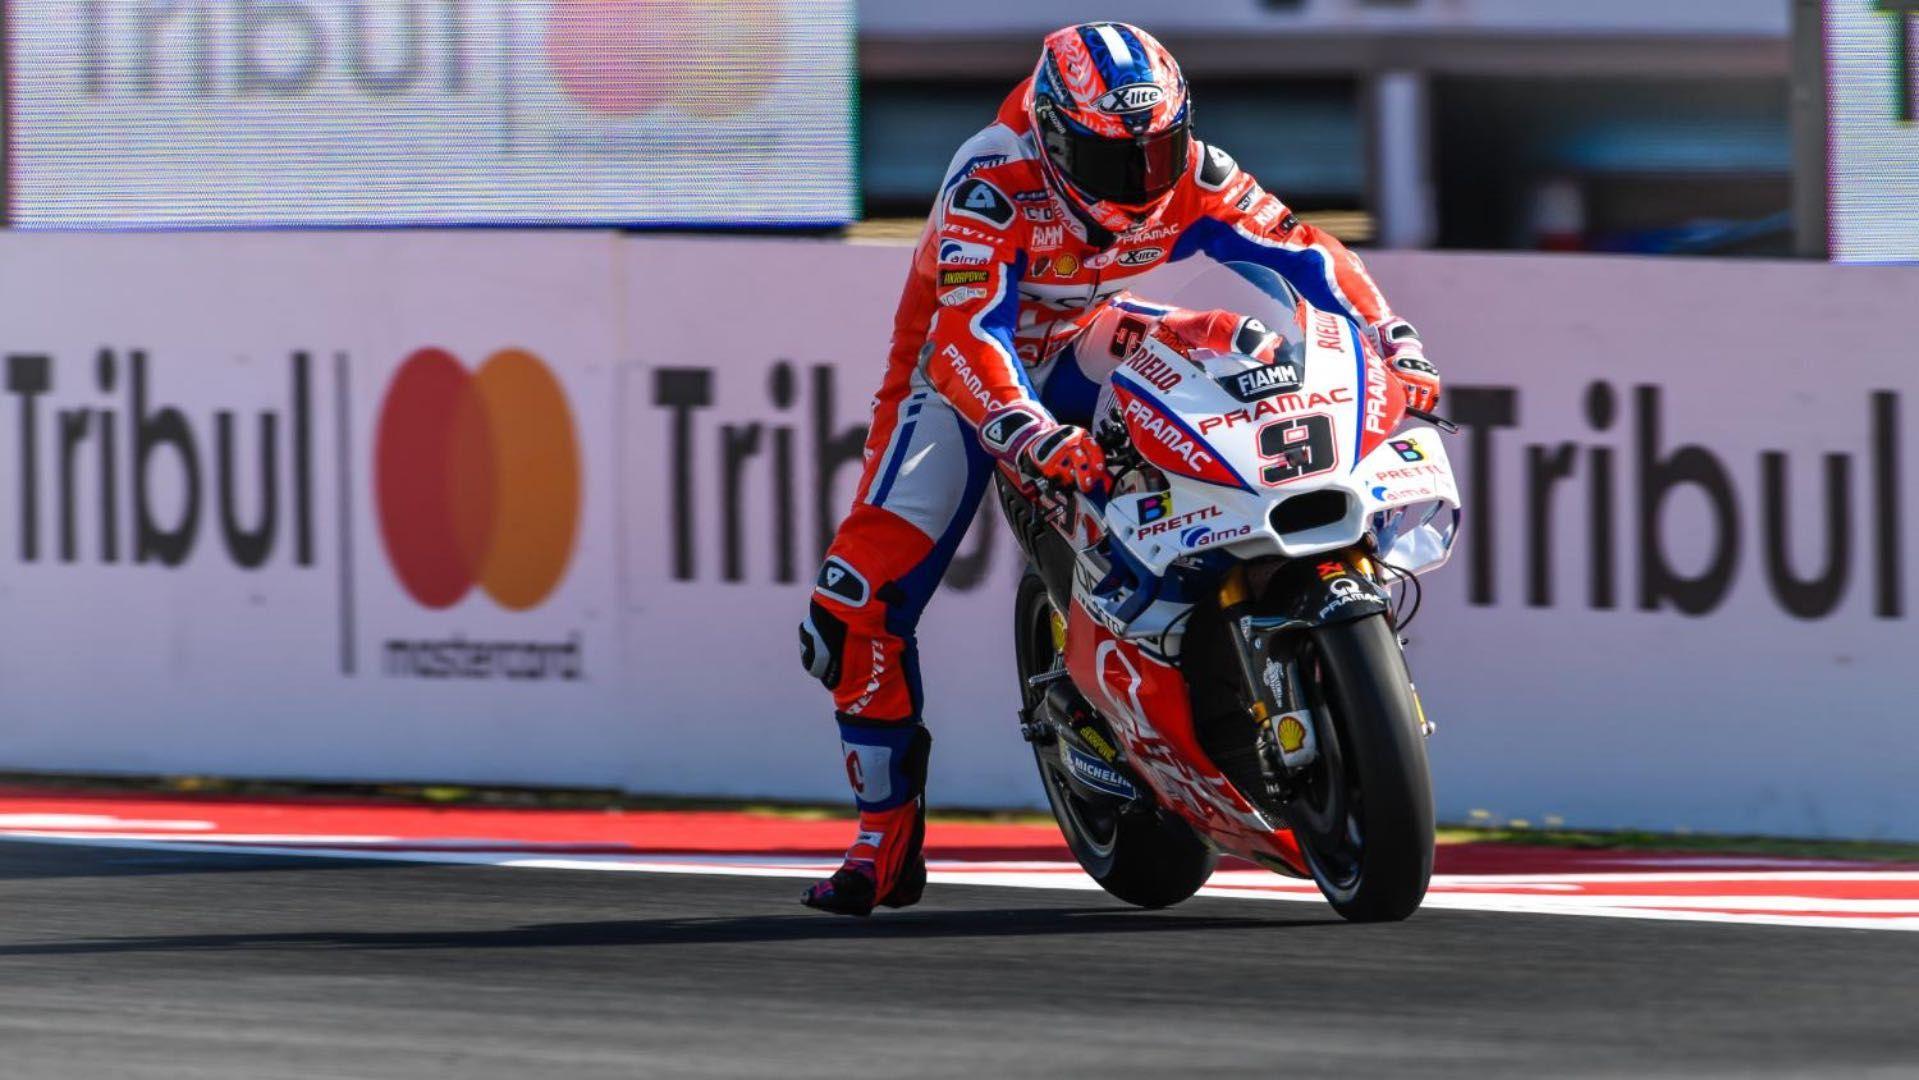 Watch MotoGP Misano Live Stream Online Motogp, Streaming